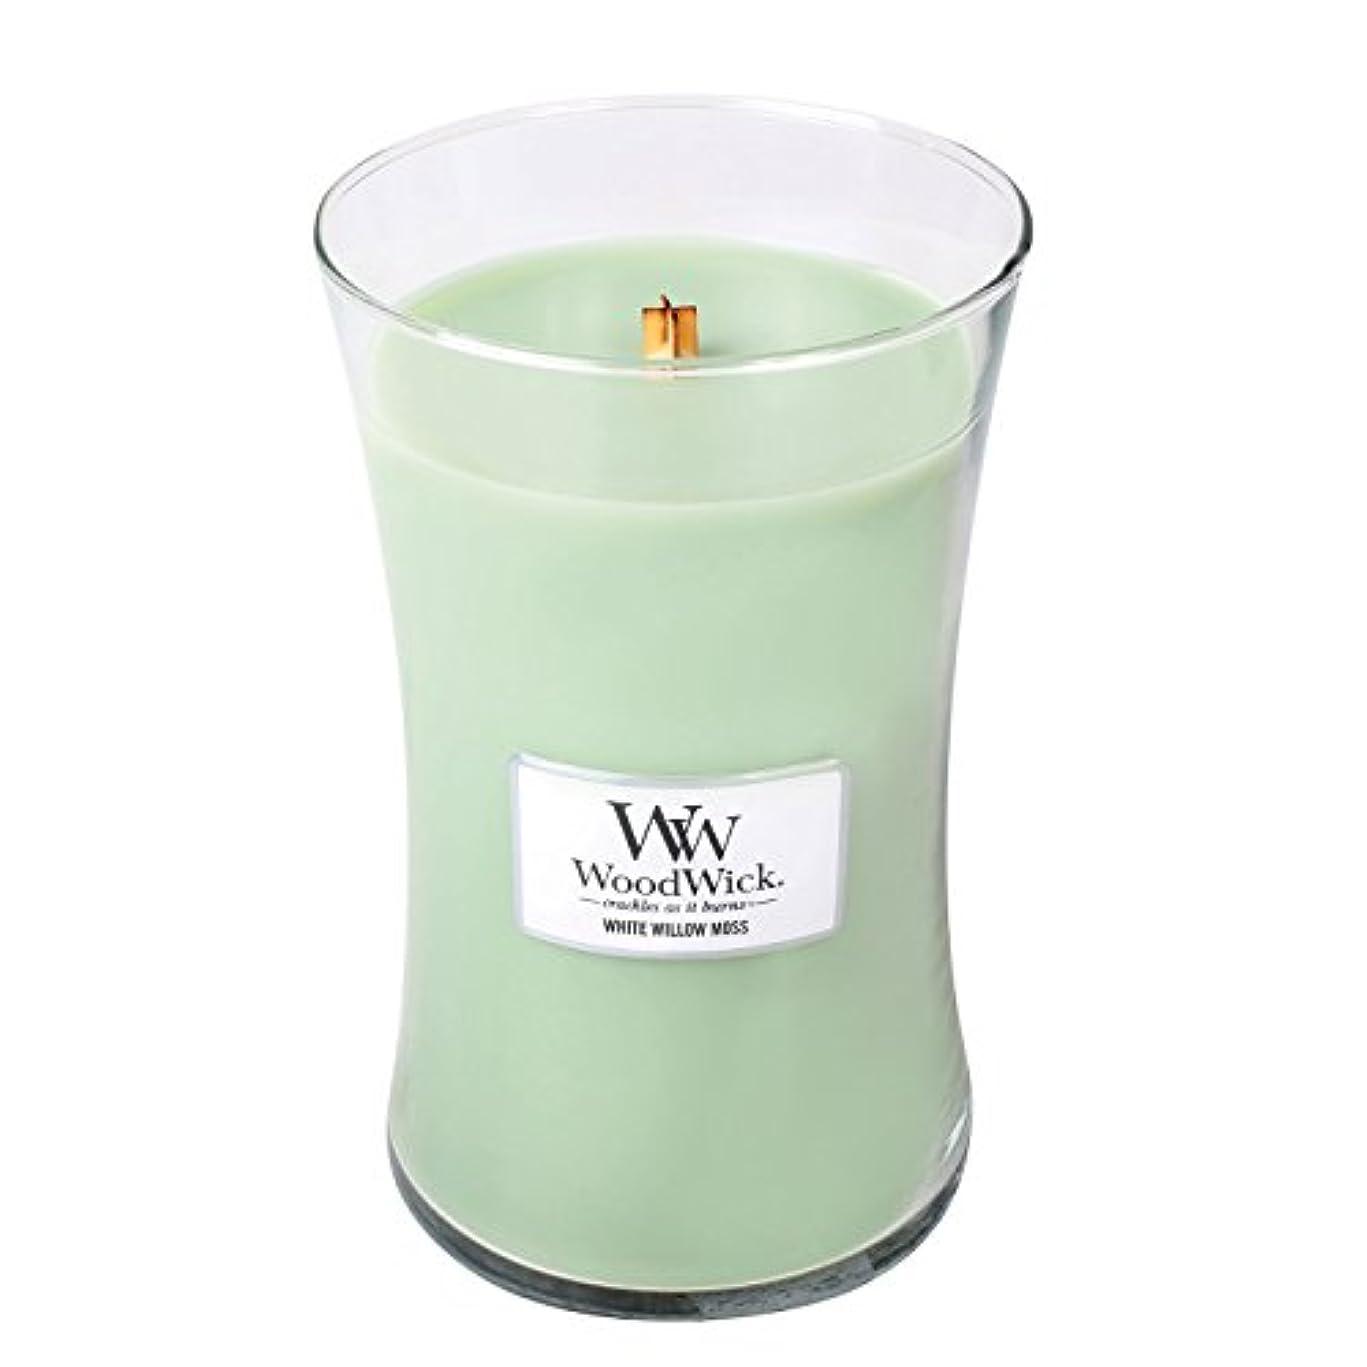 ピクニックをする不運故国WoodwickホワイトWillowモス、Highly Scented Candle、クラシック砂時計Jar , Large 7-inch、21.5 Oz